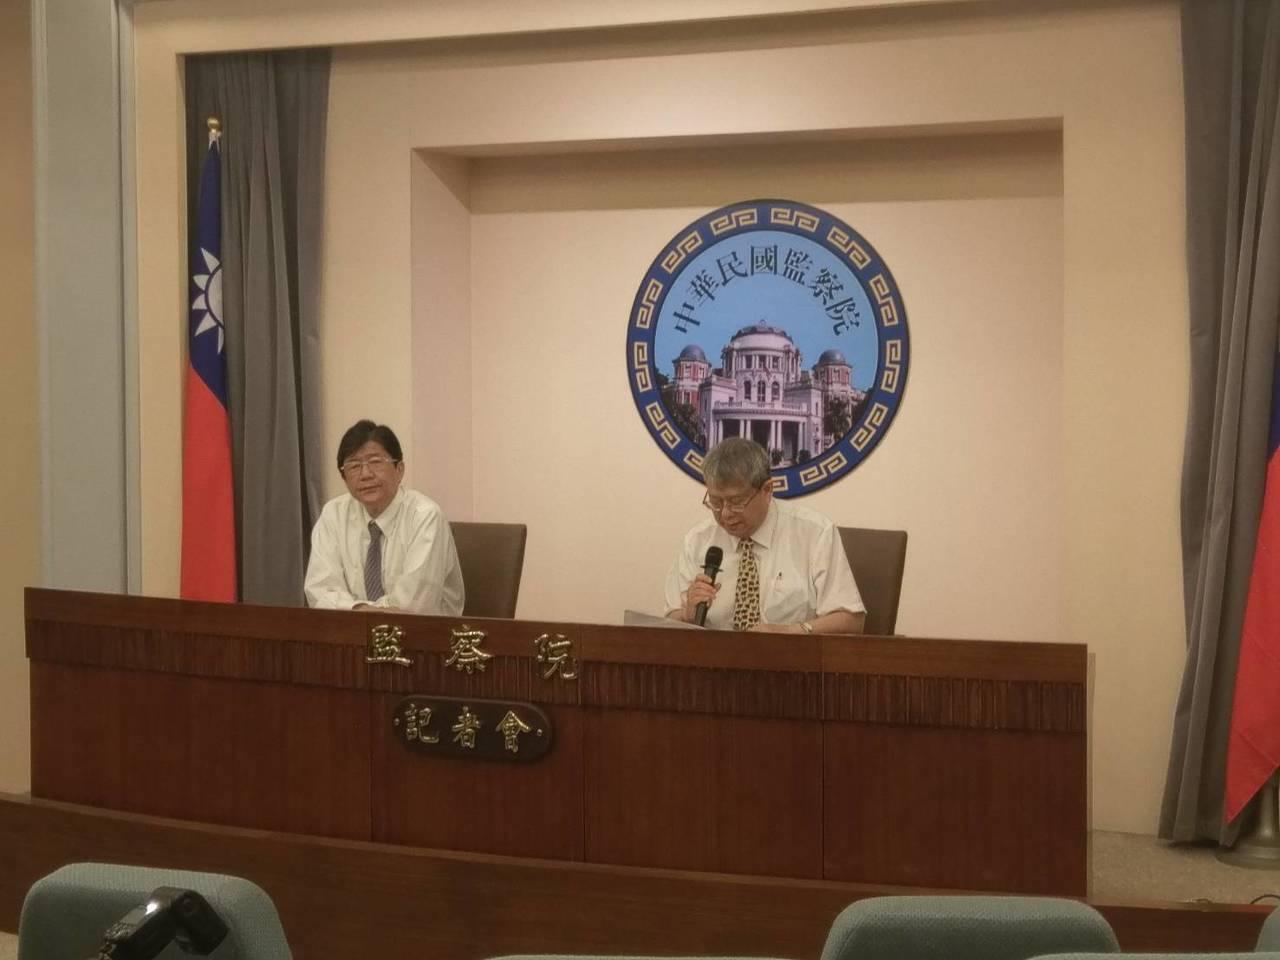 監察委員蔡崇義(左)、陳師孟(右)。記者徐偉真/攝影